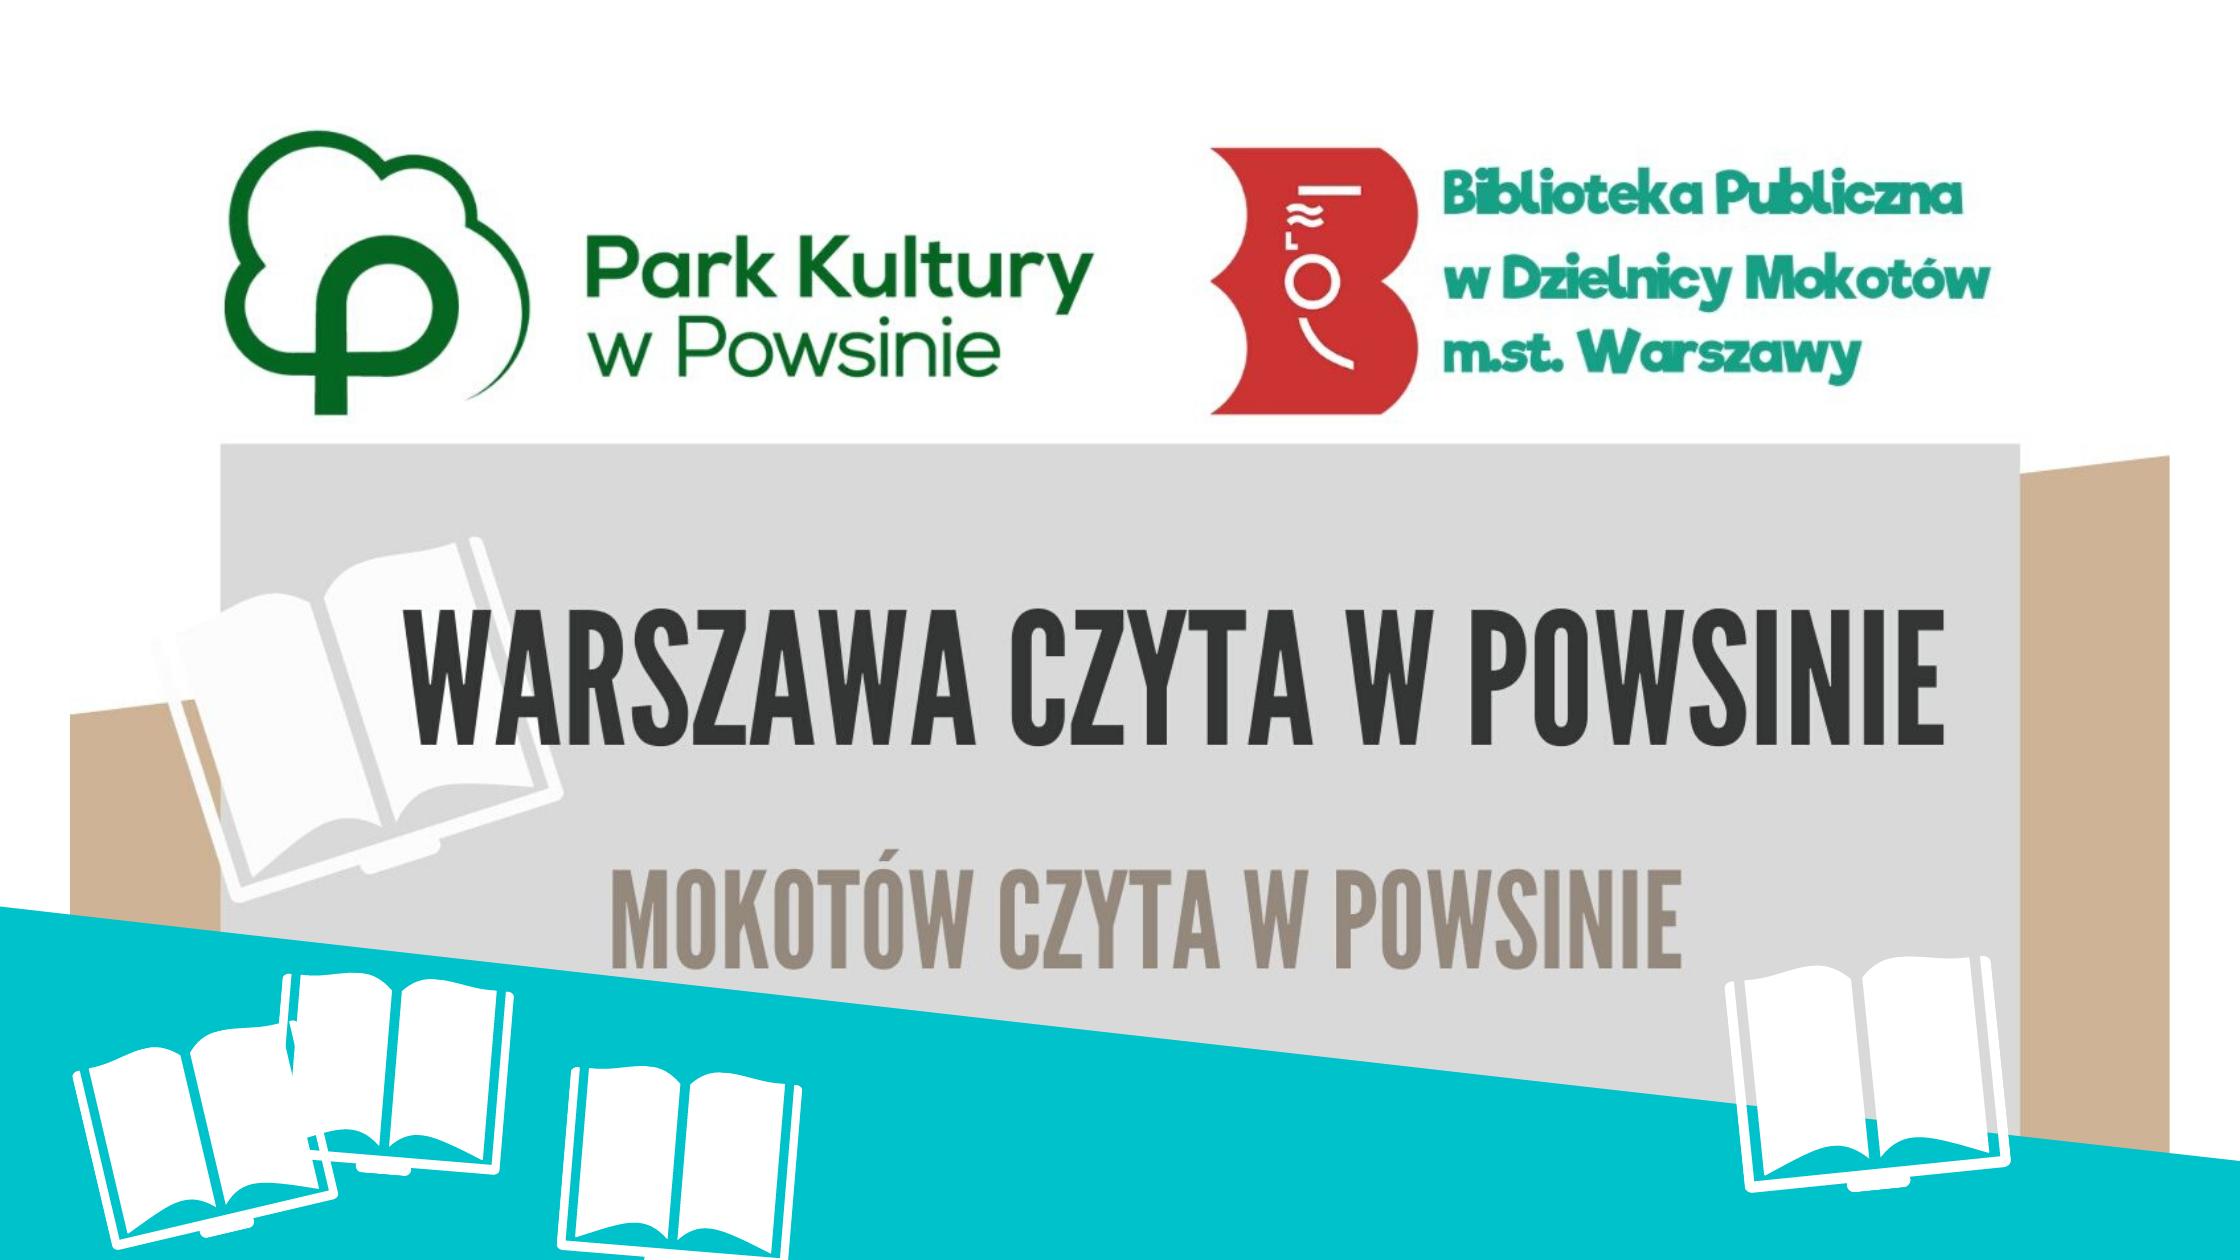 Warszawa czyta w Powsinie- Mokotów czyta w Powsinie